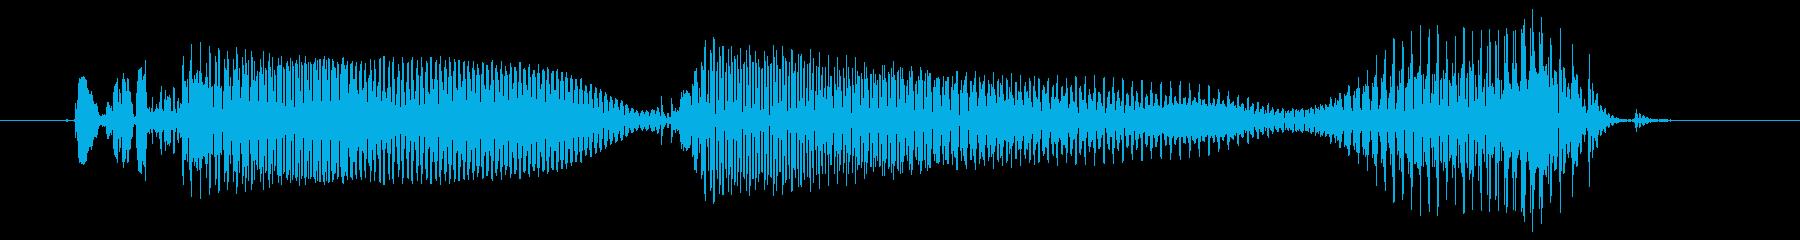 こんばんは…の再生済みの波形